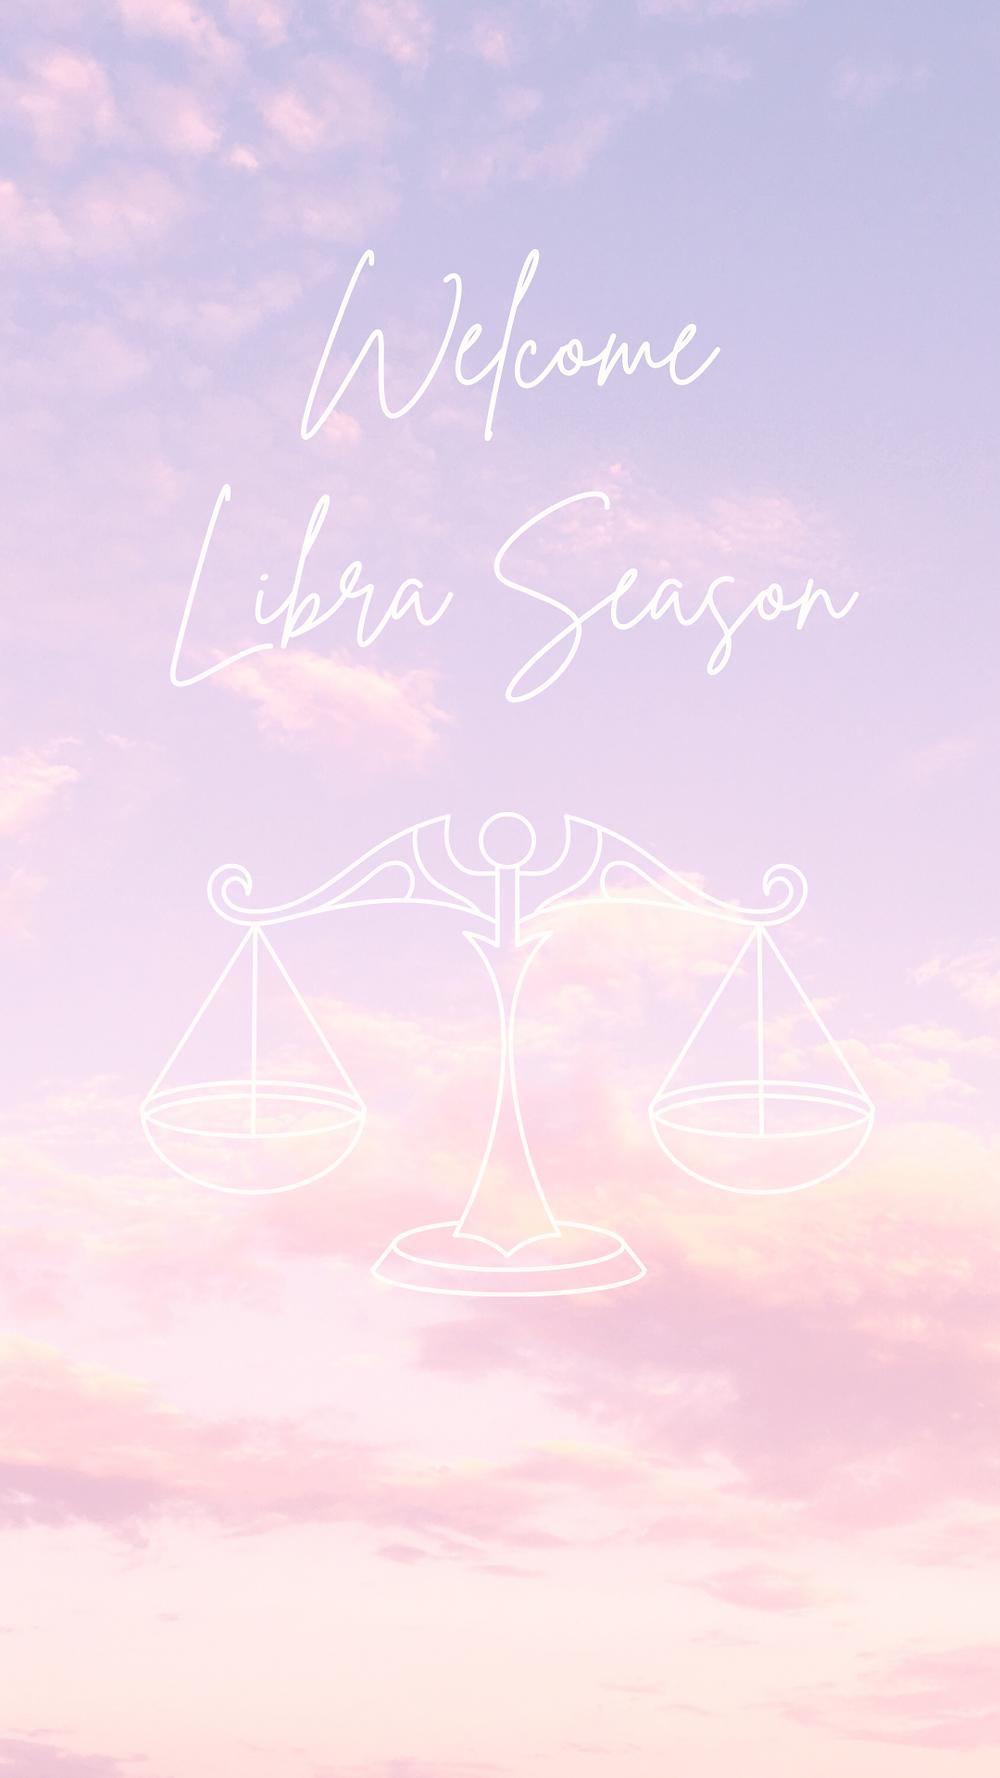 libra season 2021